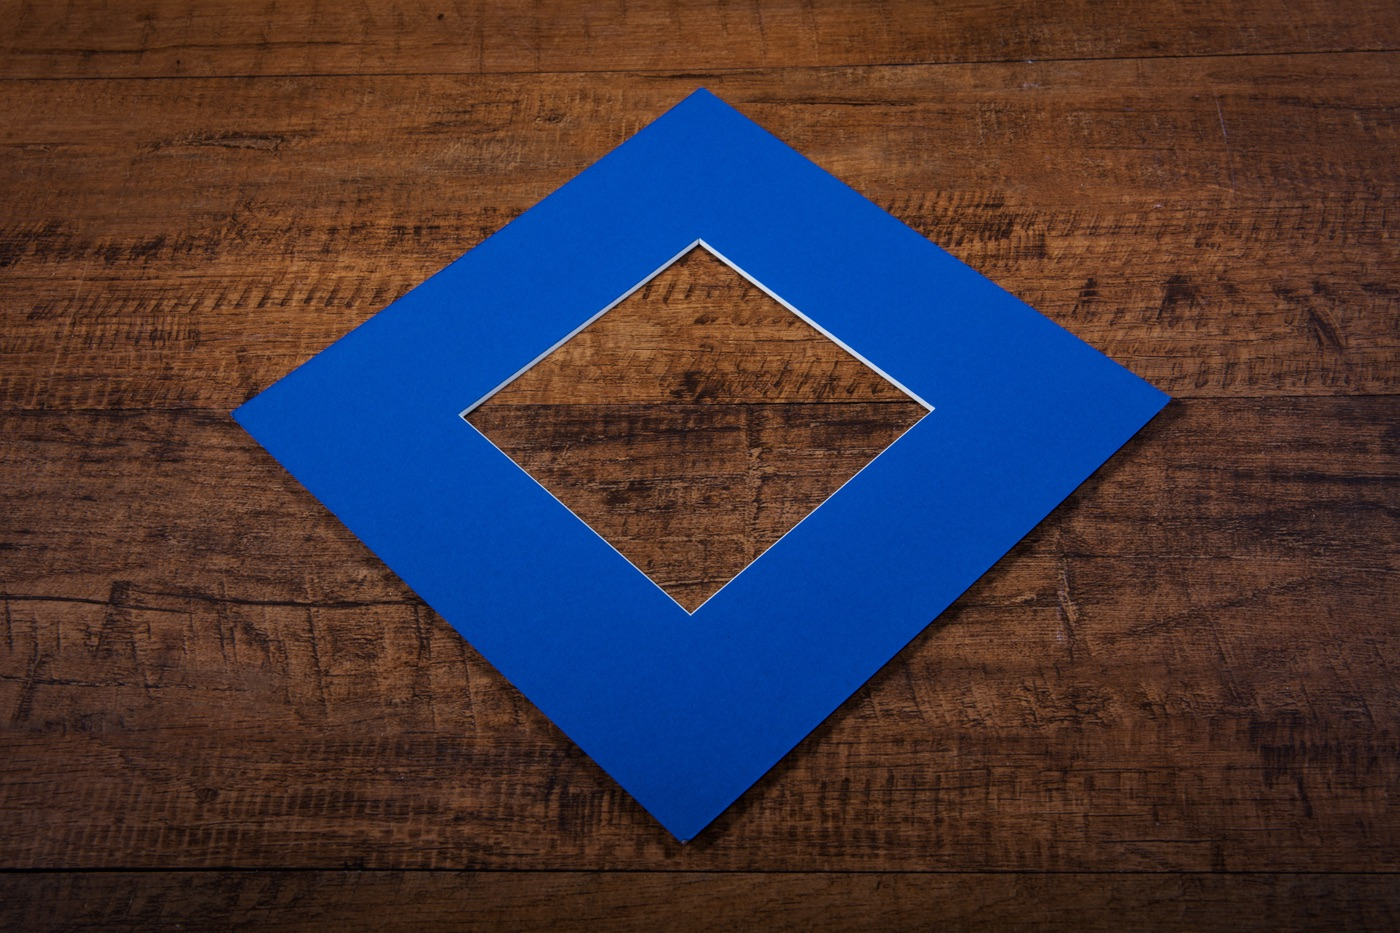 Cobalt Blue Mount Board